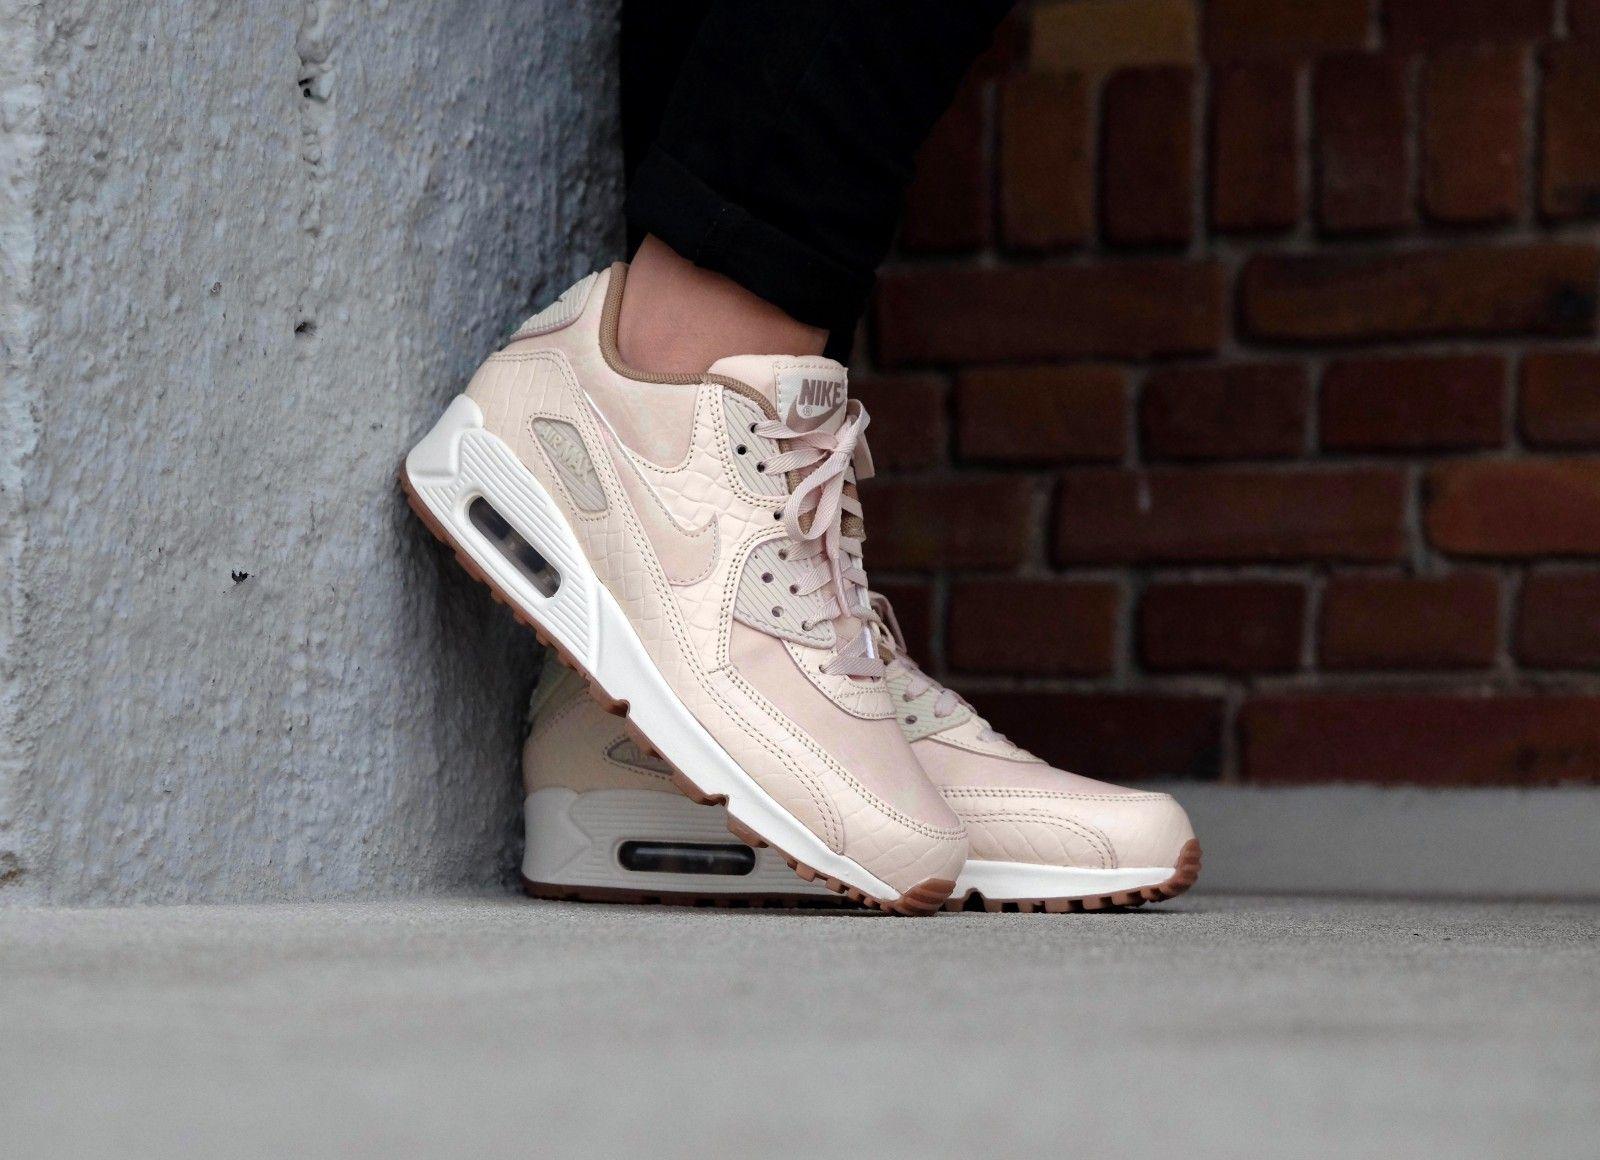 ladies shoes nike wmns air max 90 premoatmeal / oatmeal sail khaki